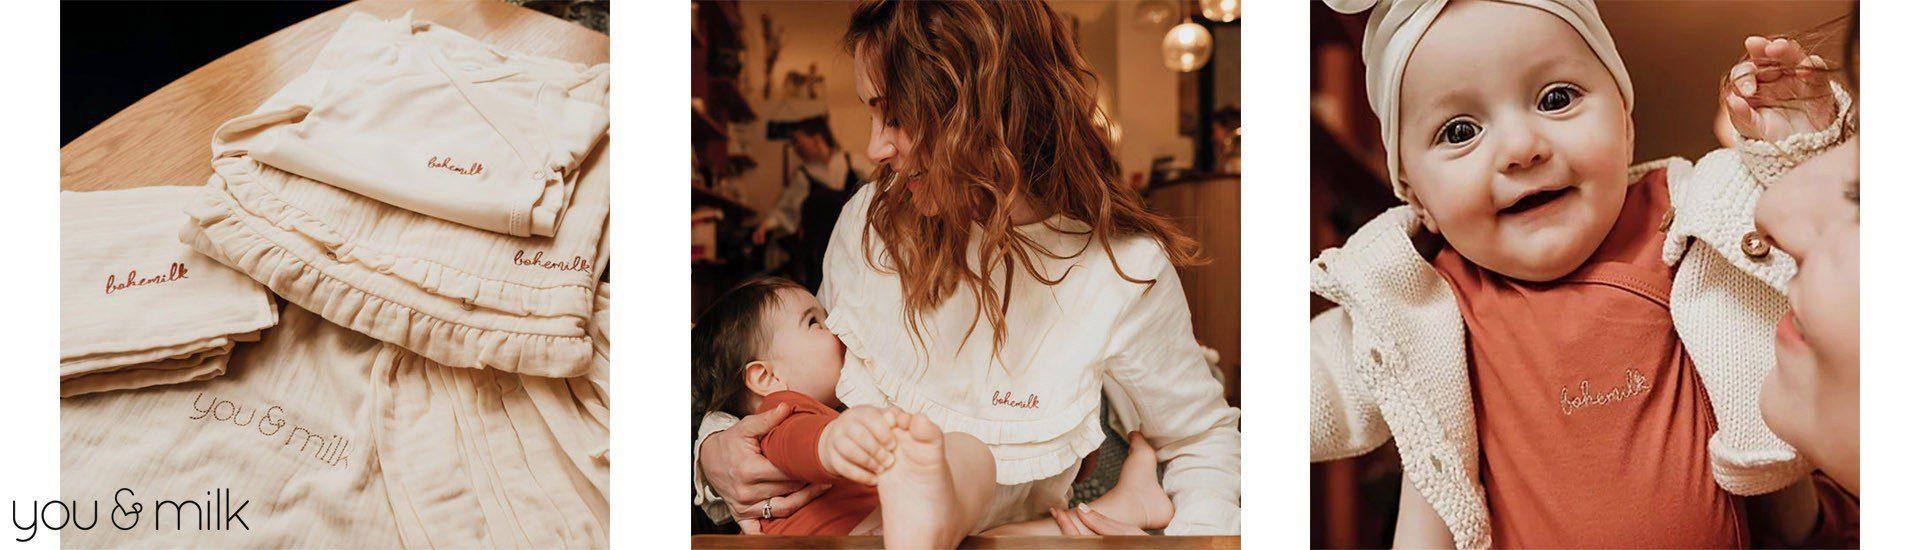 Collection vêtements maman et enfant coton biologique You&Milk